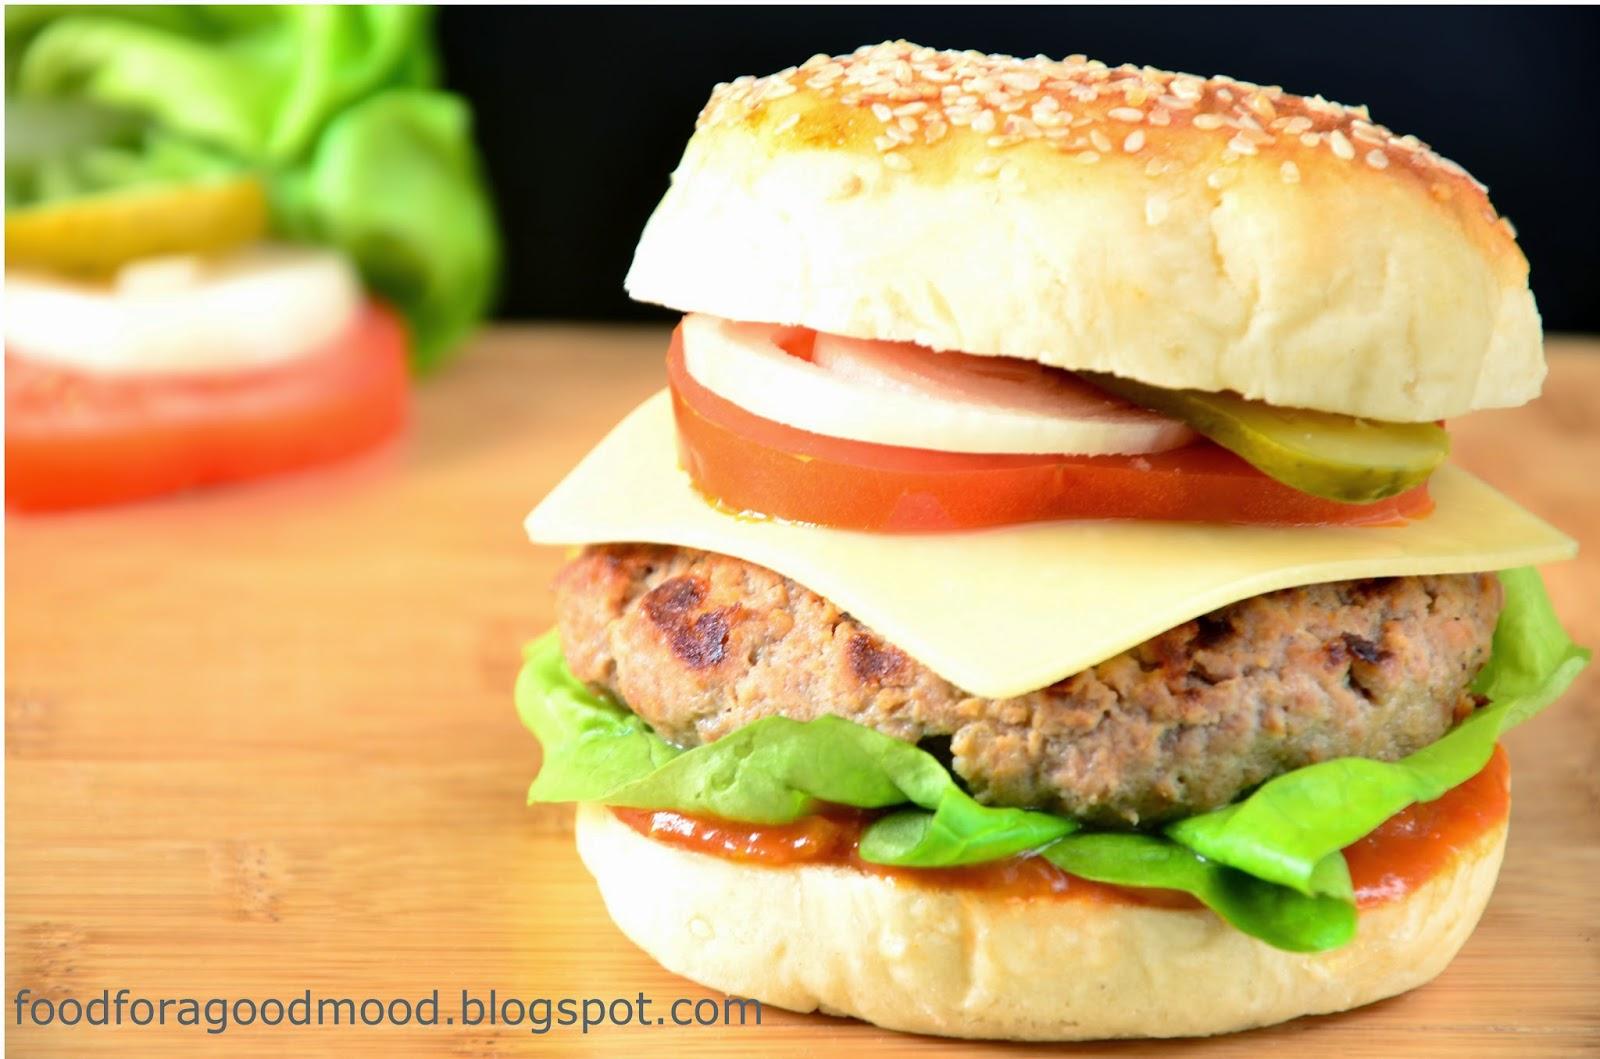 Prawdziwy hamburger to prostota i bogactwo smaków w jednym. Do tego rodzajów kanapek nie sposób policzyć. Co kto lubi. Podejmując wyzwanie, przedstawiam Wam mój ulubiony przepis. Bliżej mu do tradycji, niż do eksperymentu, ale jak wiadomo klasyka nigdy nie wychodzi z mody.